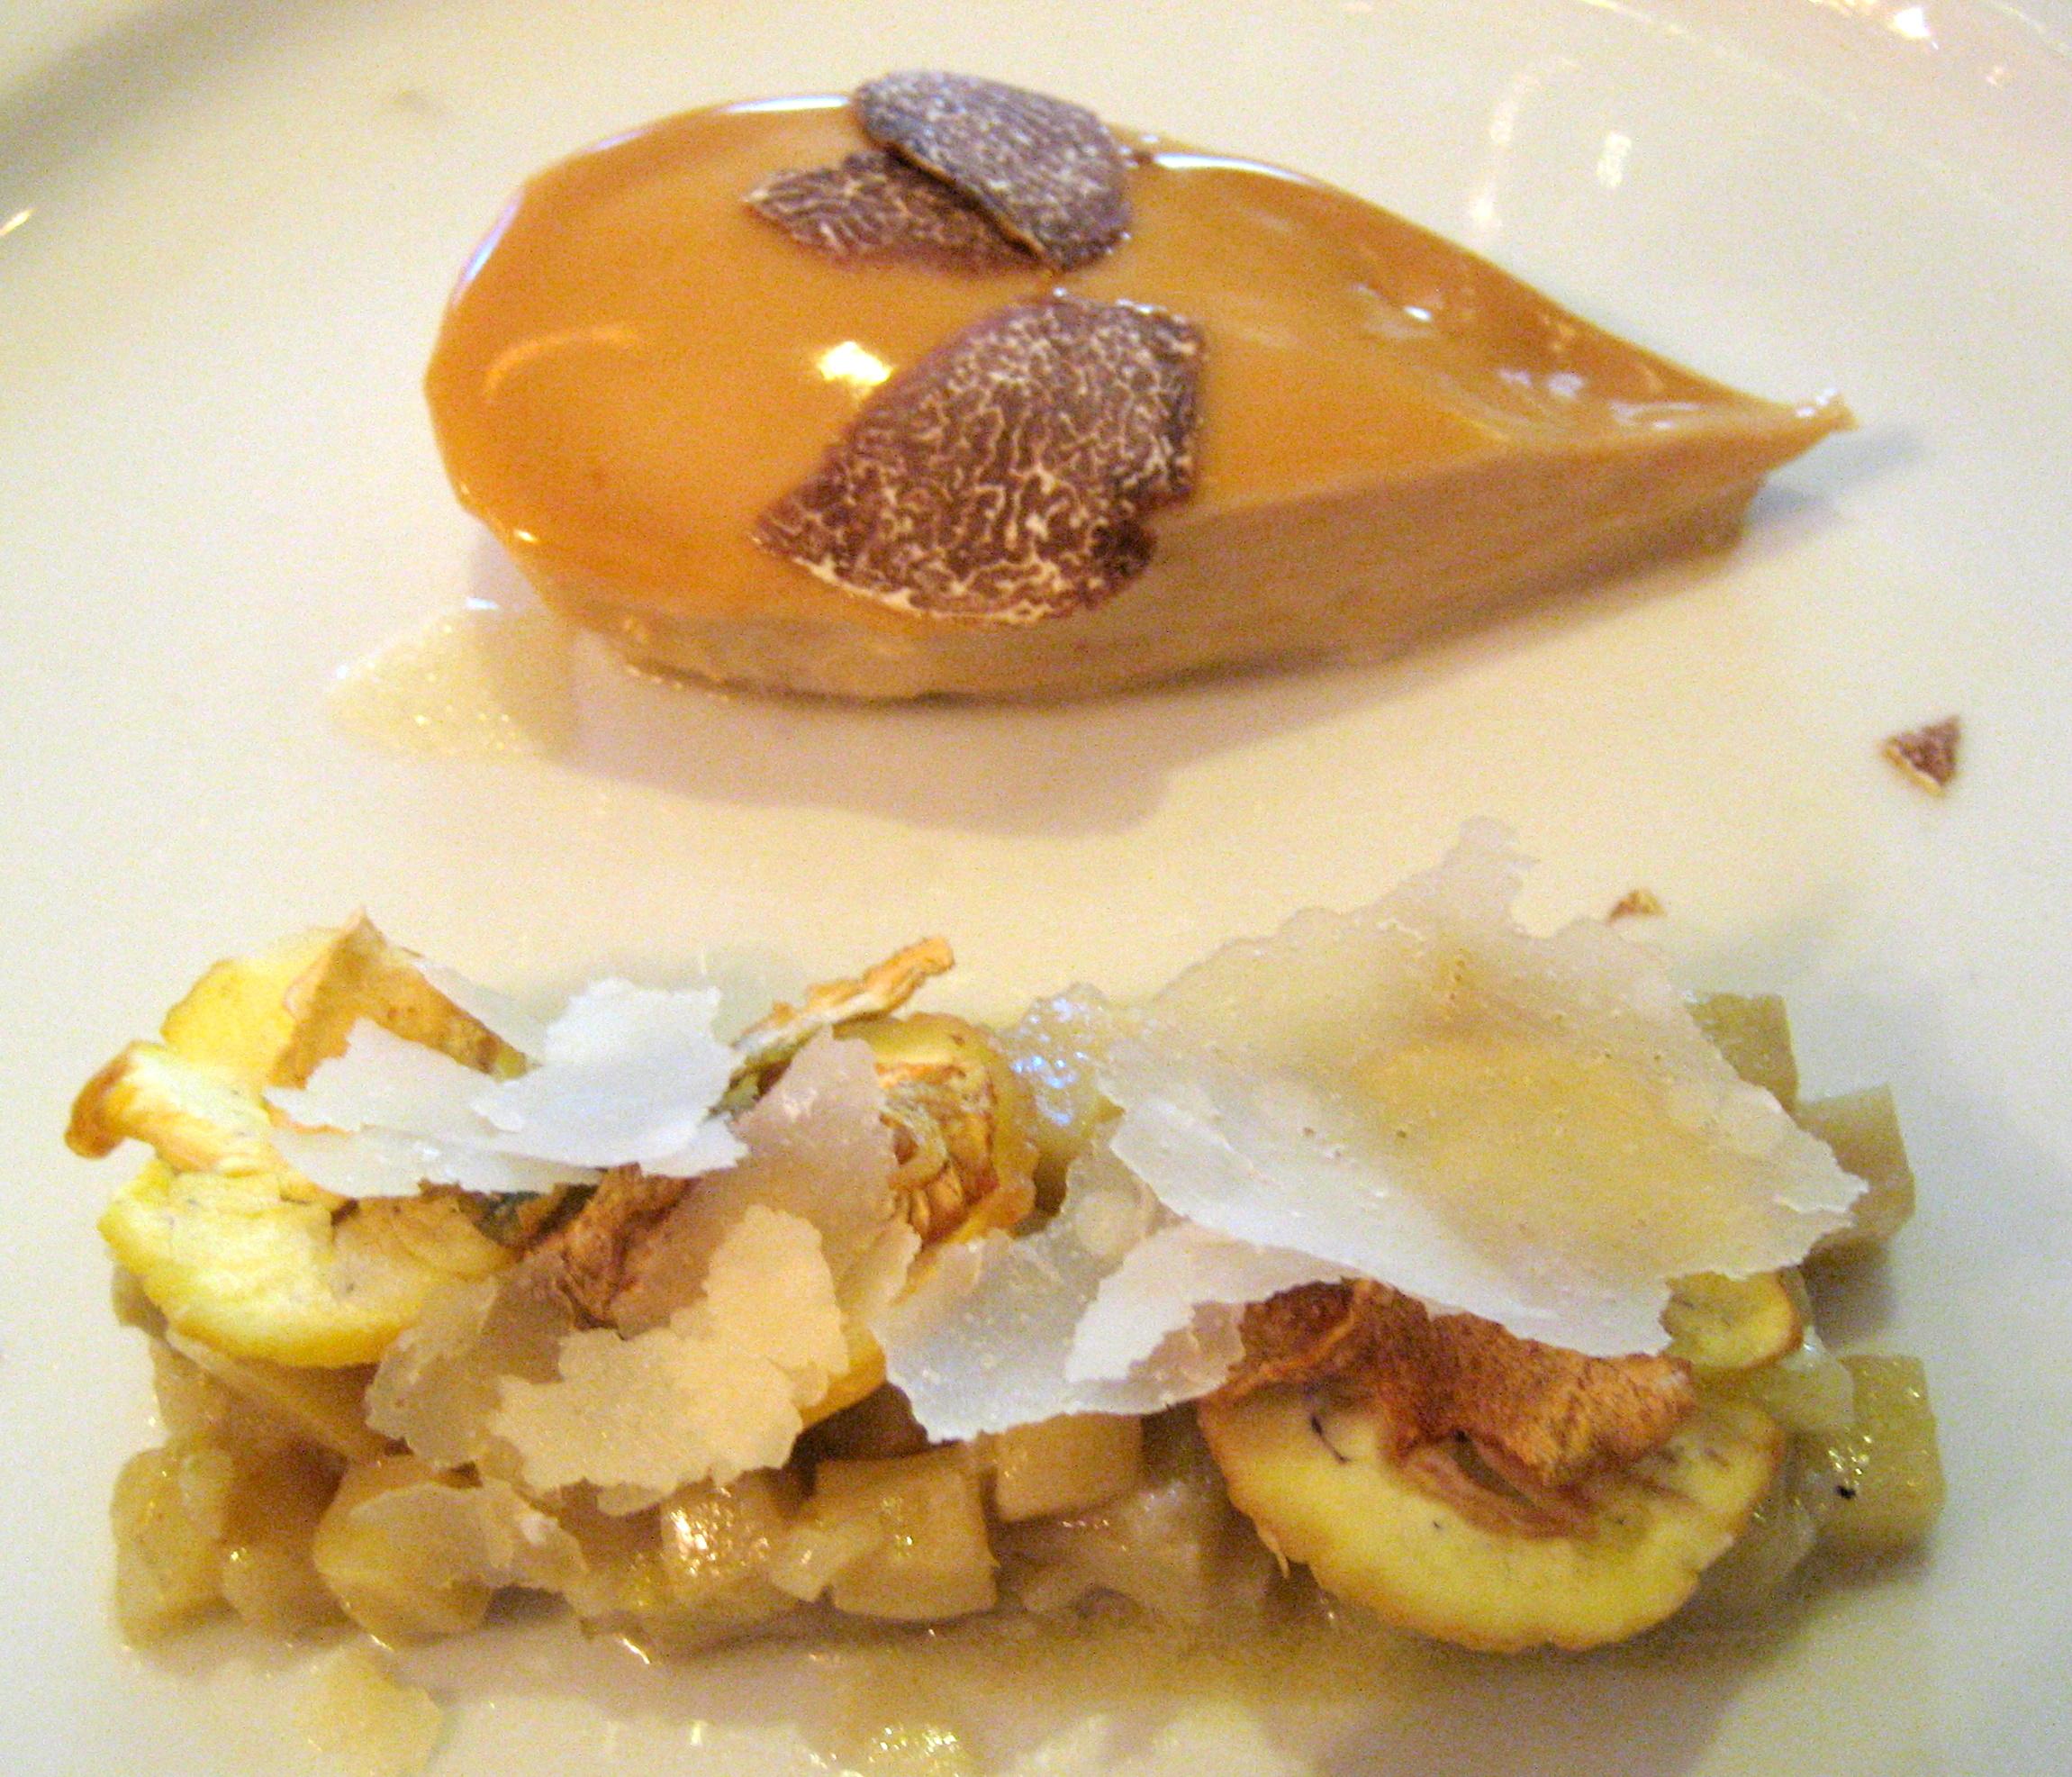 Foie gras prepared by chef Yannick Alléno